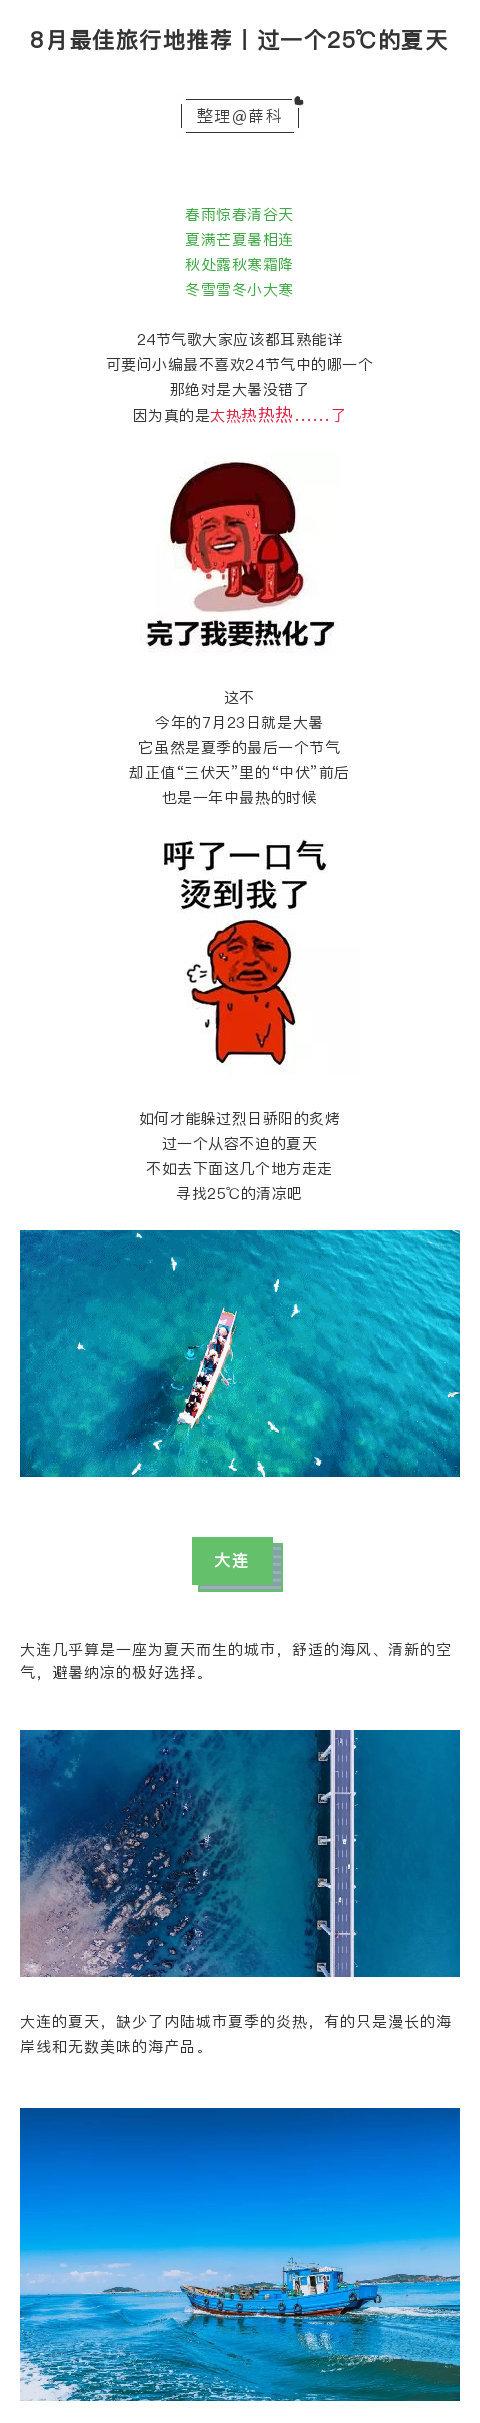 8月最佳旅行地推荐丨过一个25℃的夏天  @旅游科长